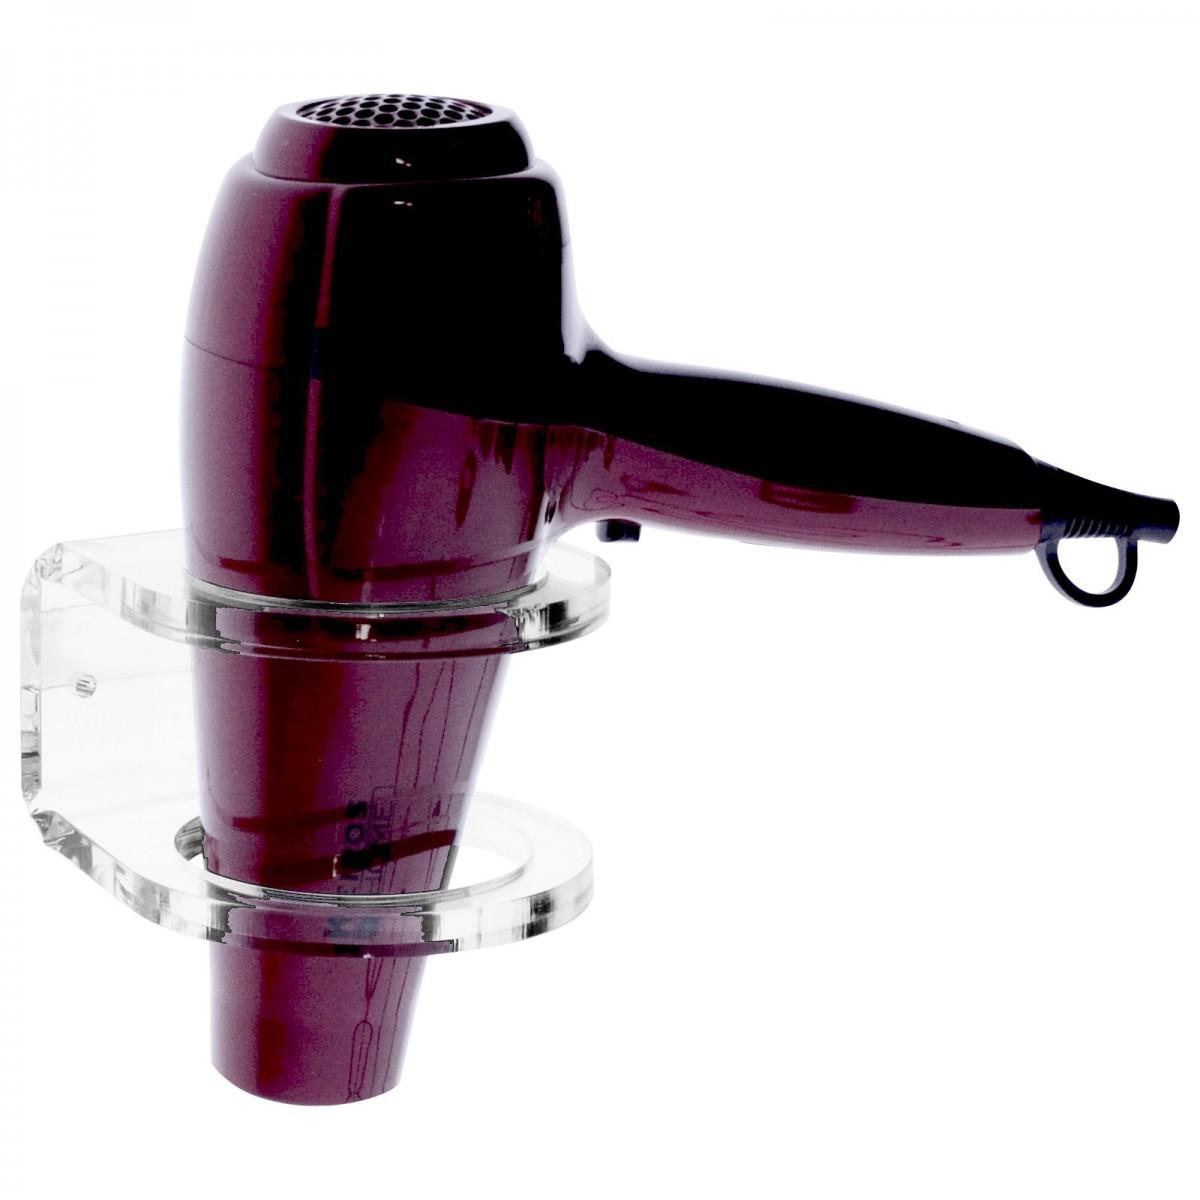 E-177 POP - Porta phon in plexiglass trasparente da parete - Misure: 10 x 12 x H6 cm